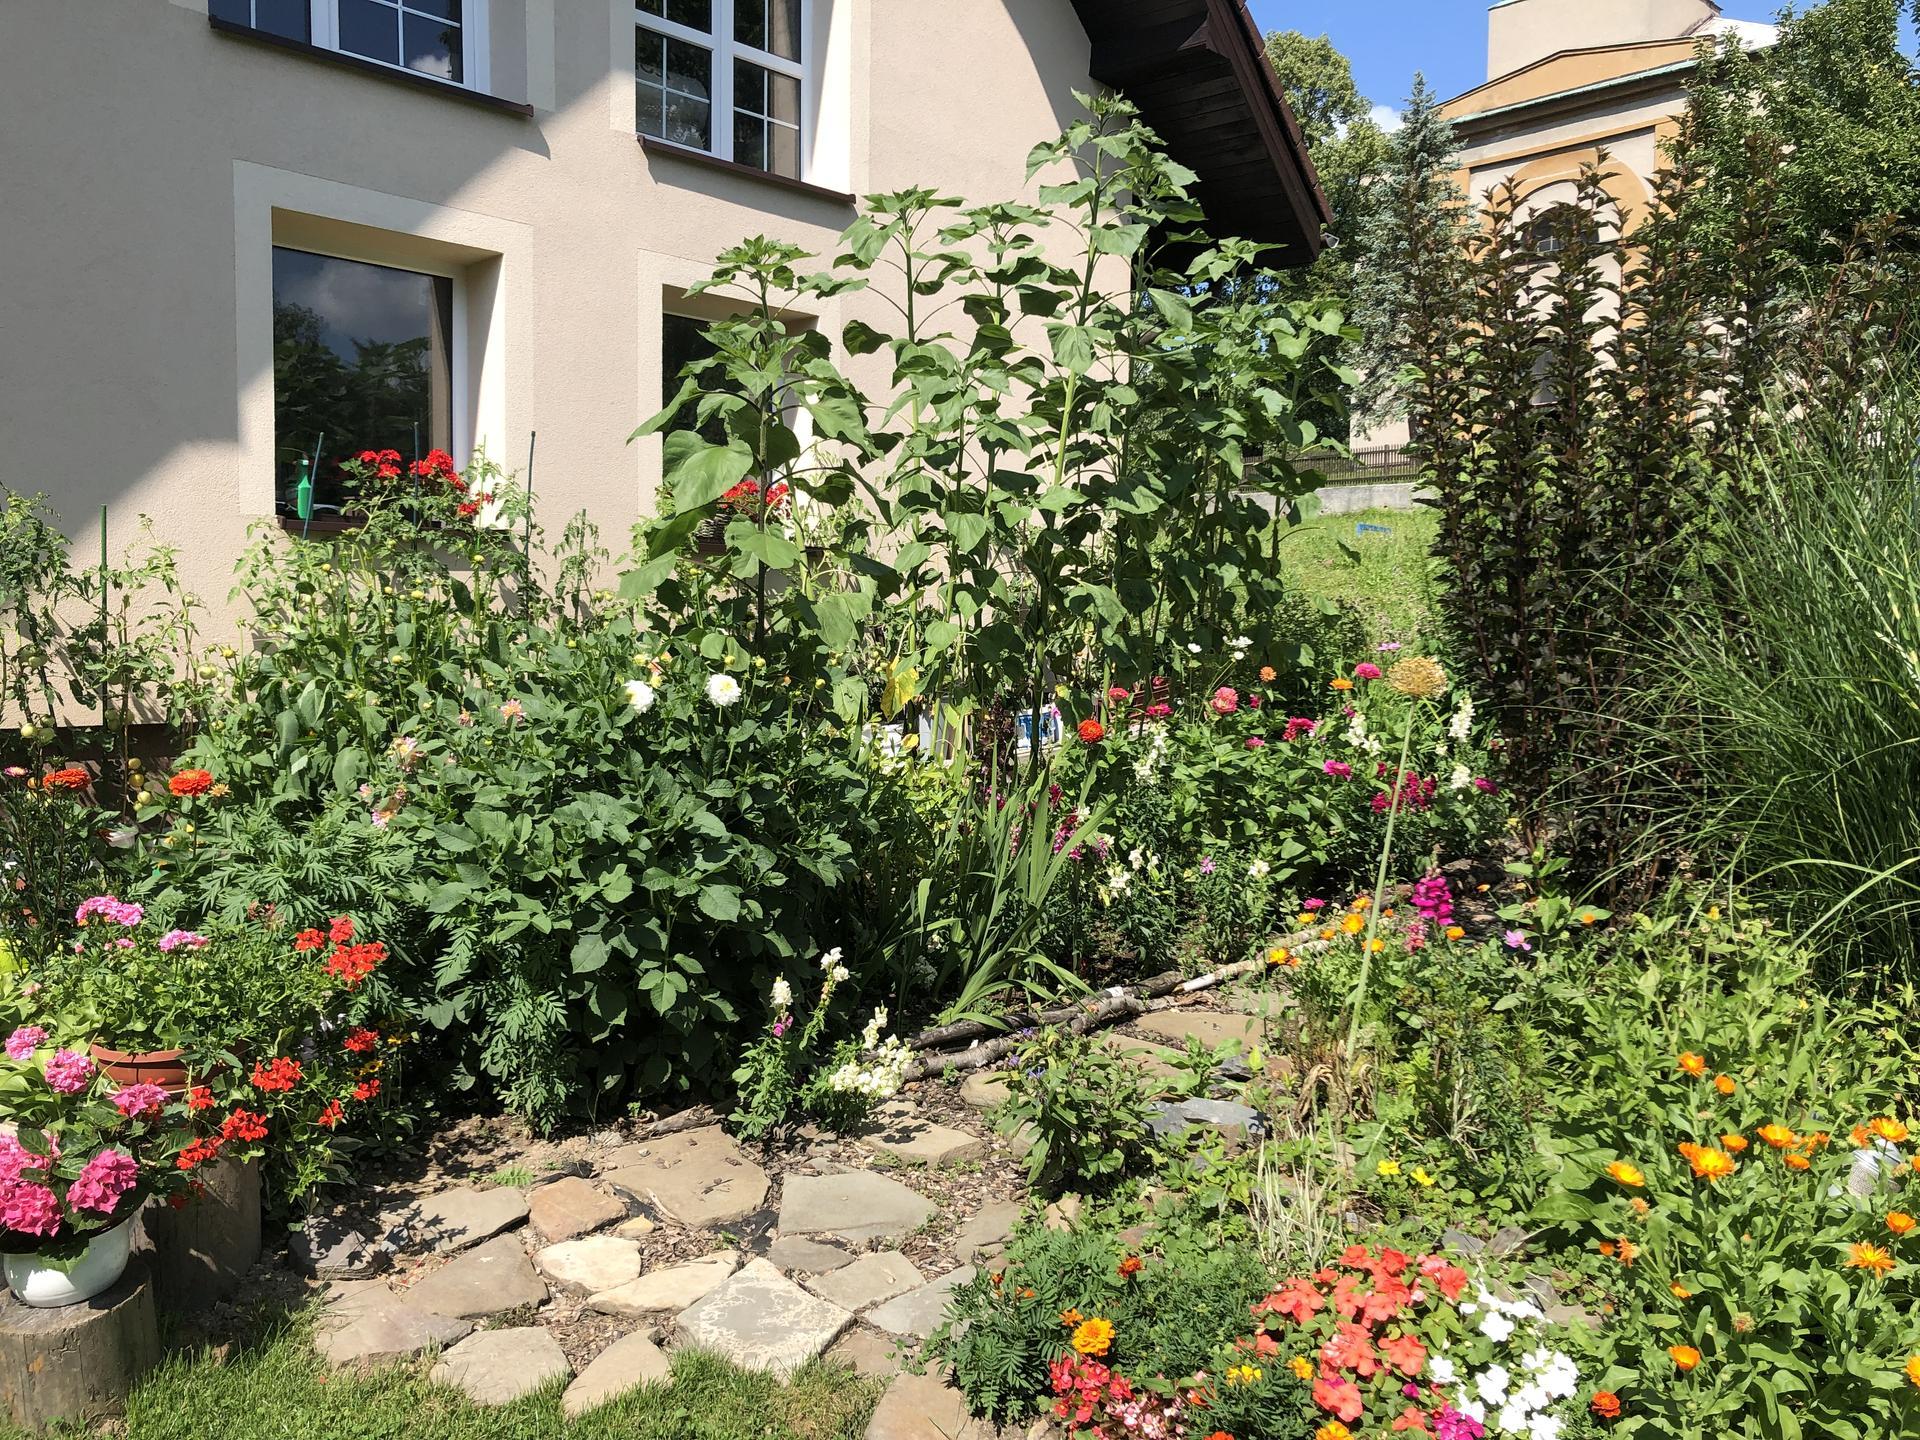 U nás doma a na zahradě 2021 - Obrázek č. 45